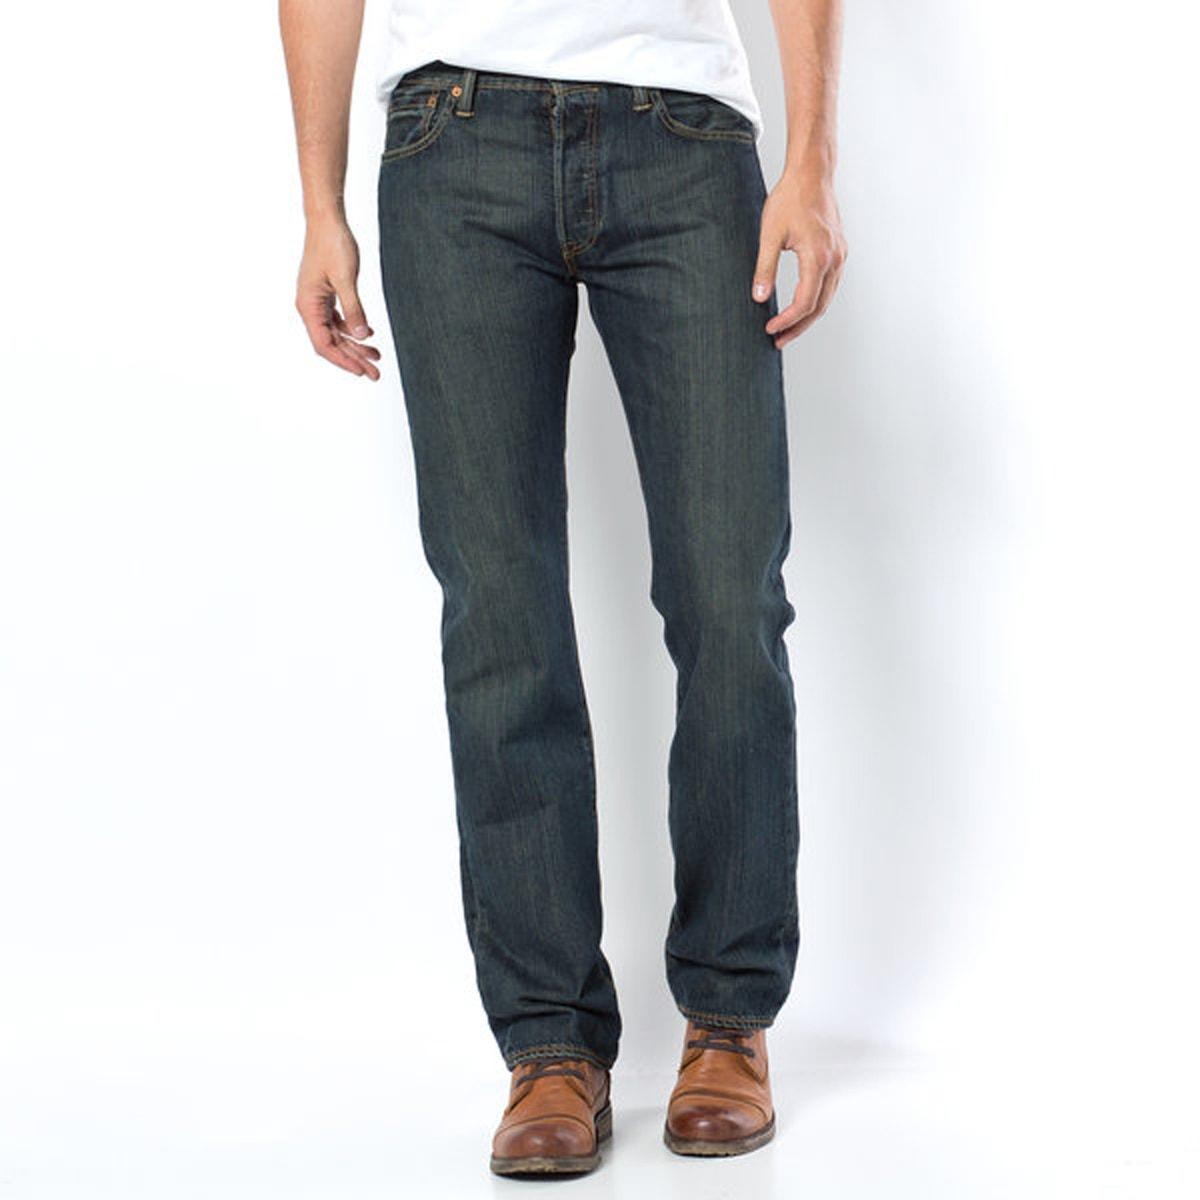 c8f3a7b104b2 501 Regular Straight-Leg Denim Jeans